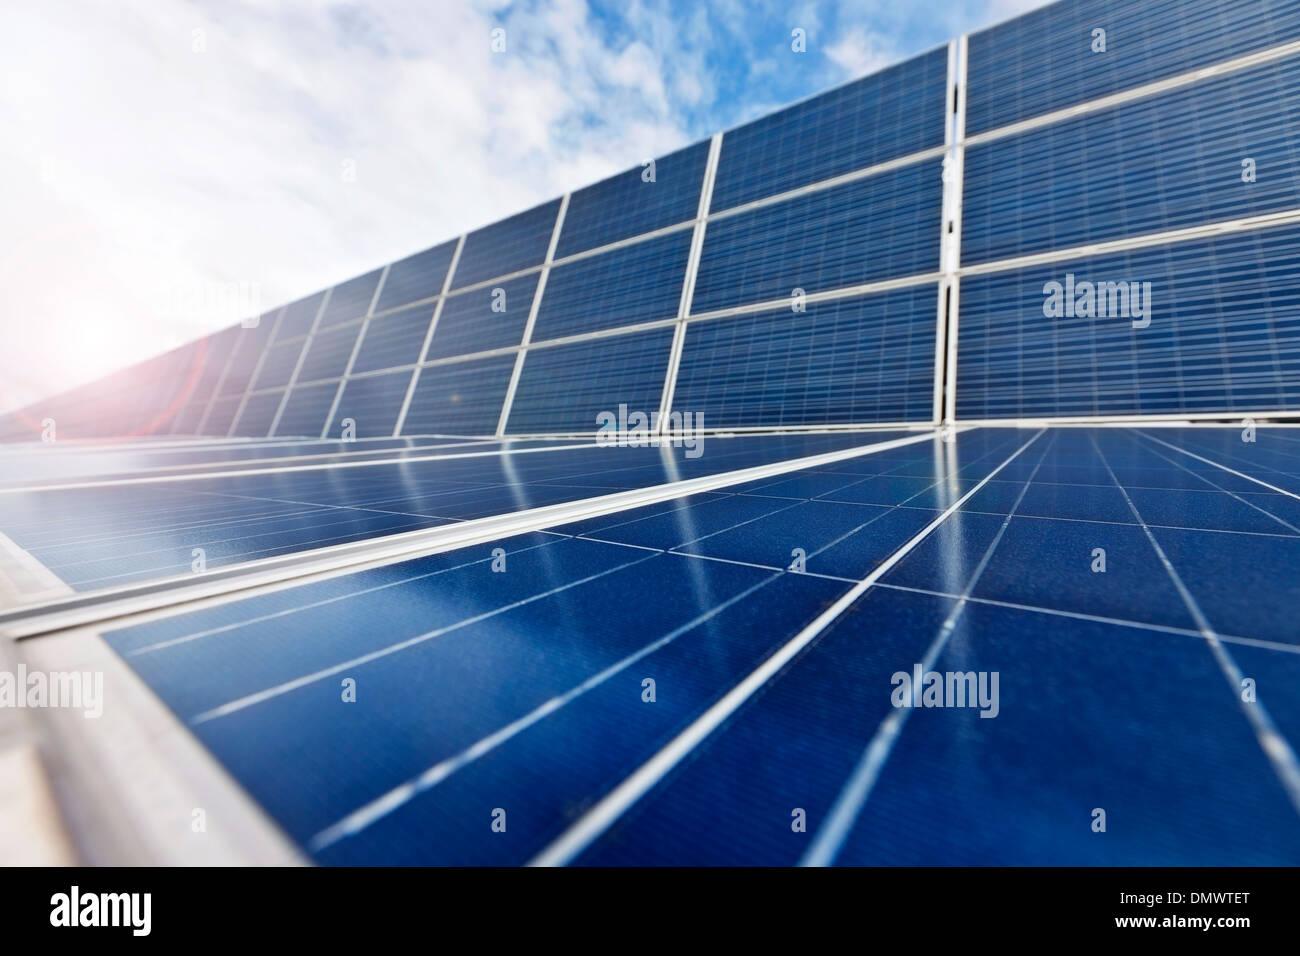 Las células fotovoltaicas o paneles solares en la luz del sol Imagen De Stock